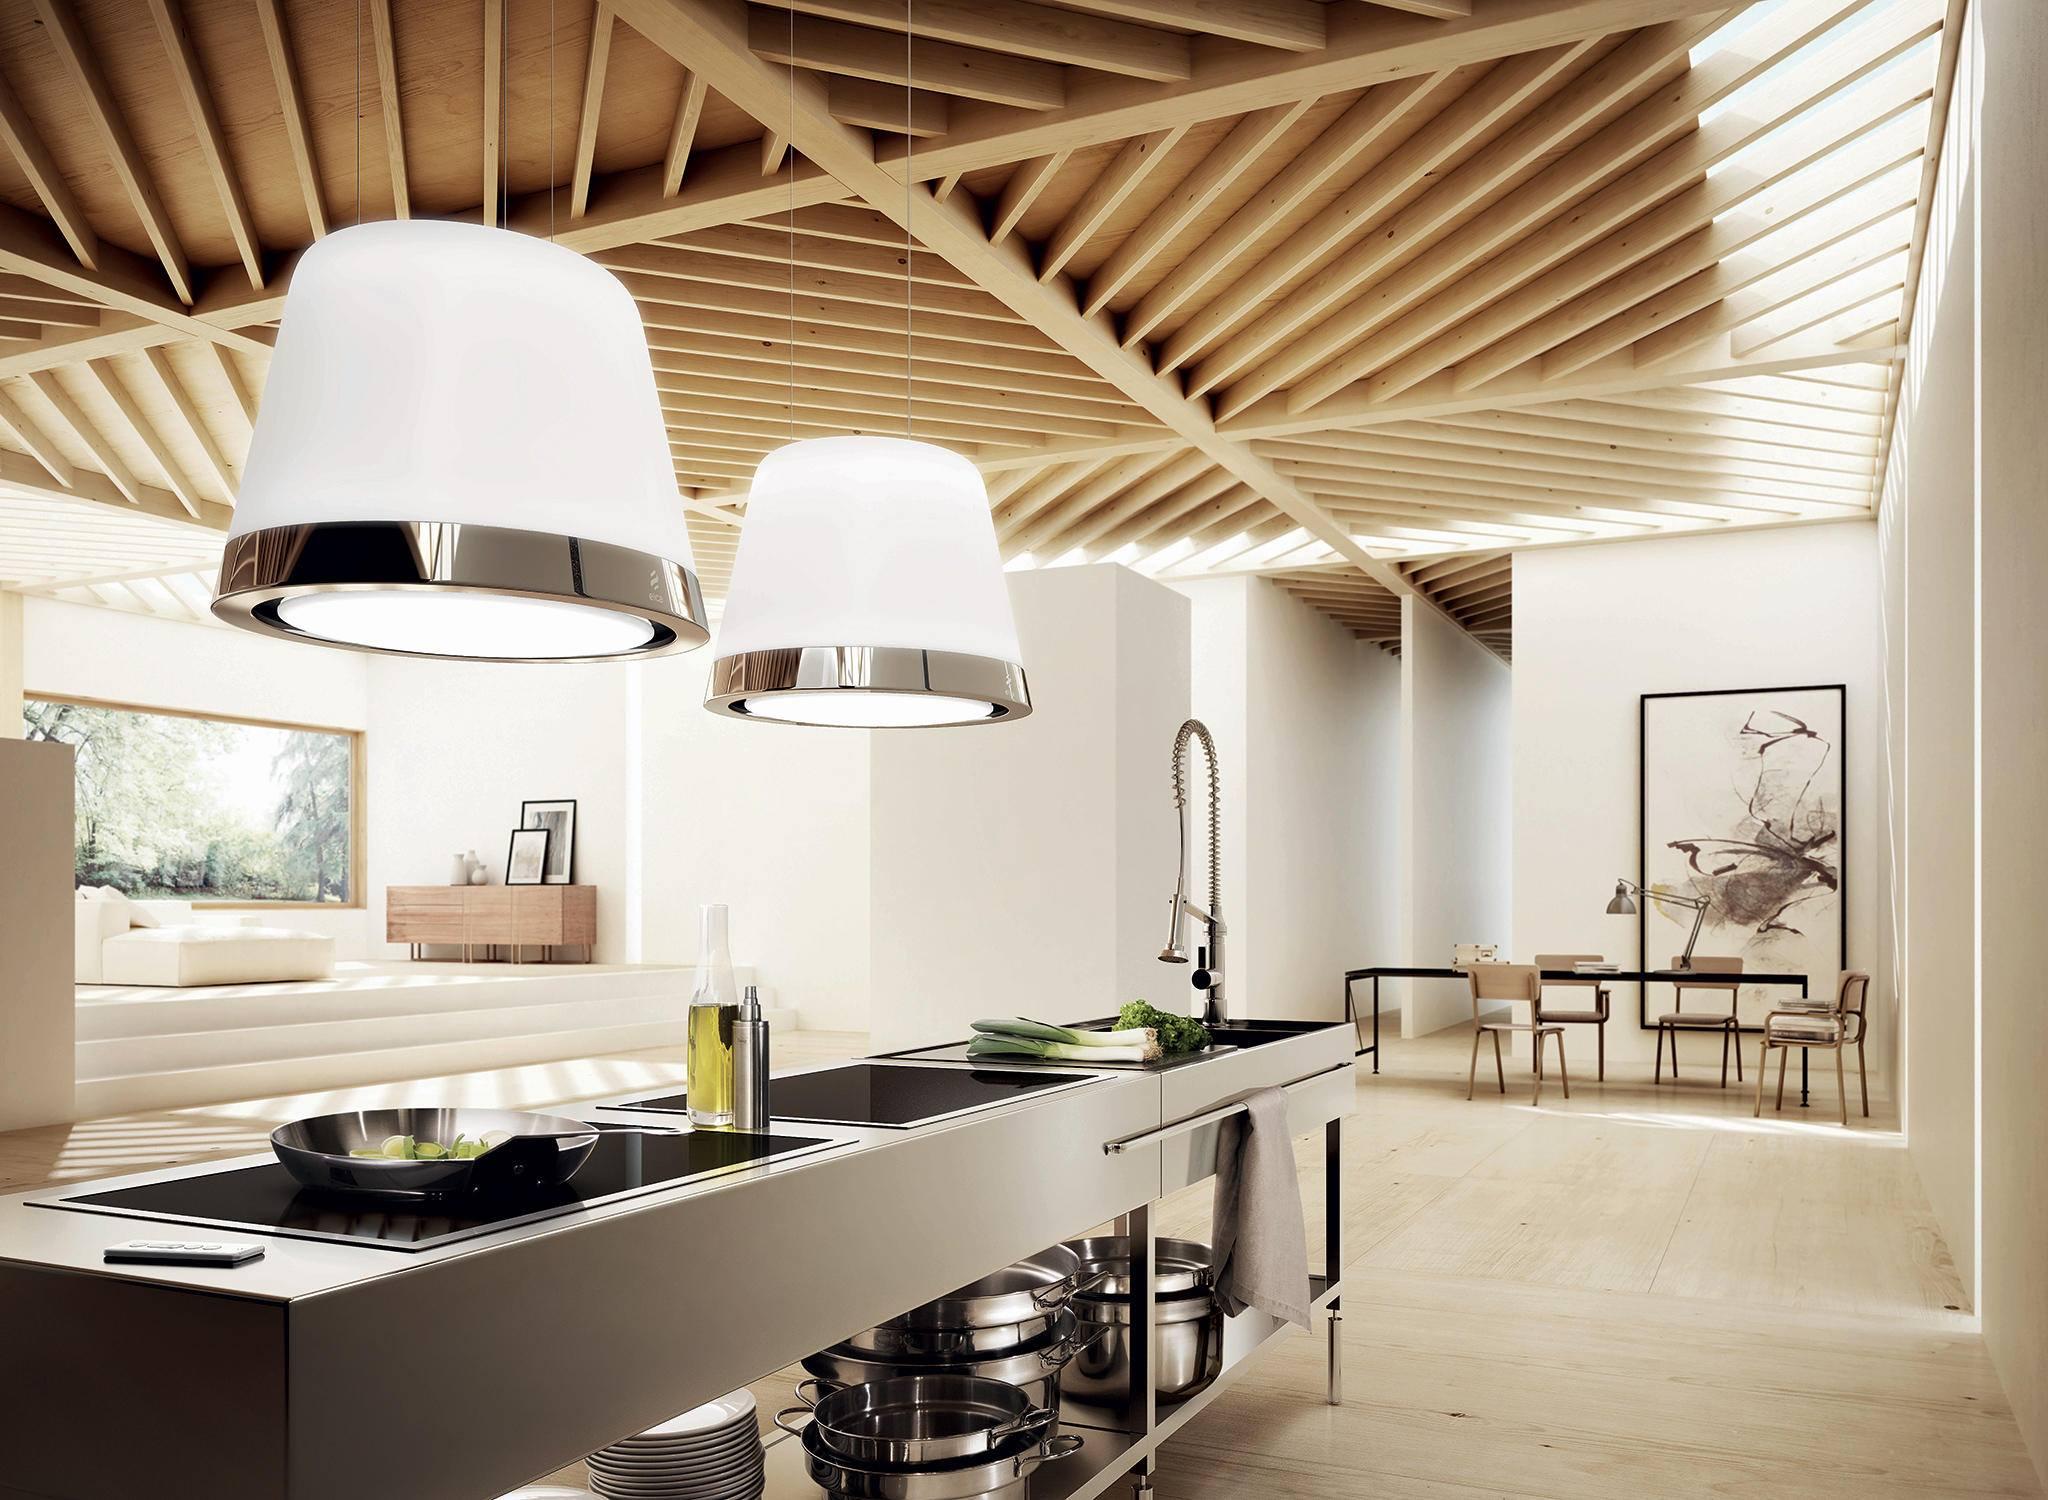 elica-campanas-ambientes-de-diseno-cocinas-con-diseno-unico-muebles-de-cocina-antalia-cocinas-proyecto-de-cocina-cocinas-de-diseno-exclusivo-2